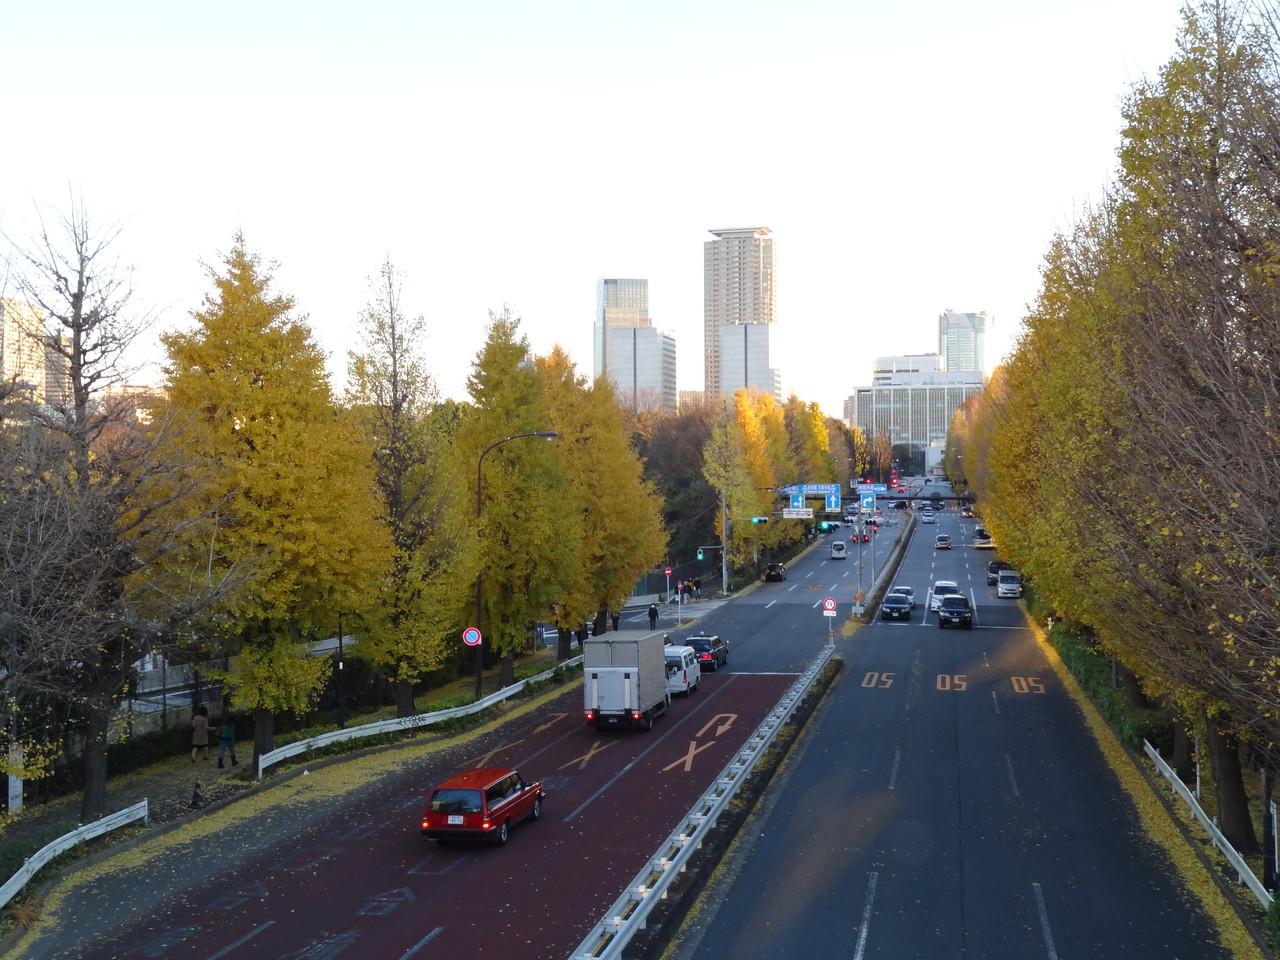 信濃町駅前より外苑東通り青山通り方面を望む、左奥明治記念館、その先東宮御所